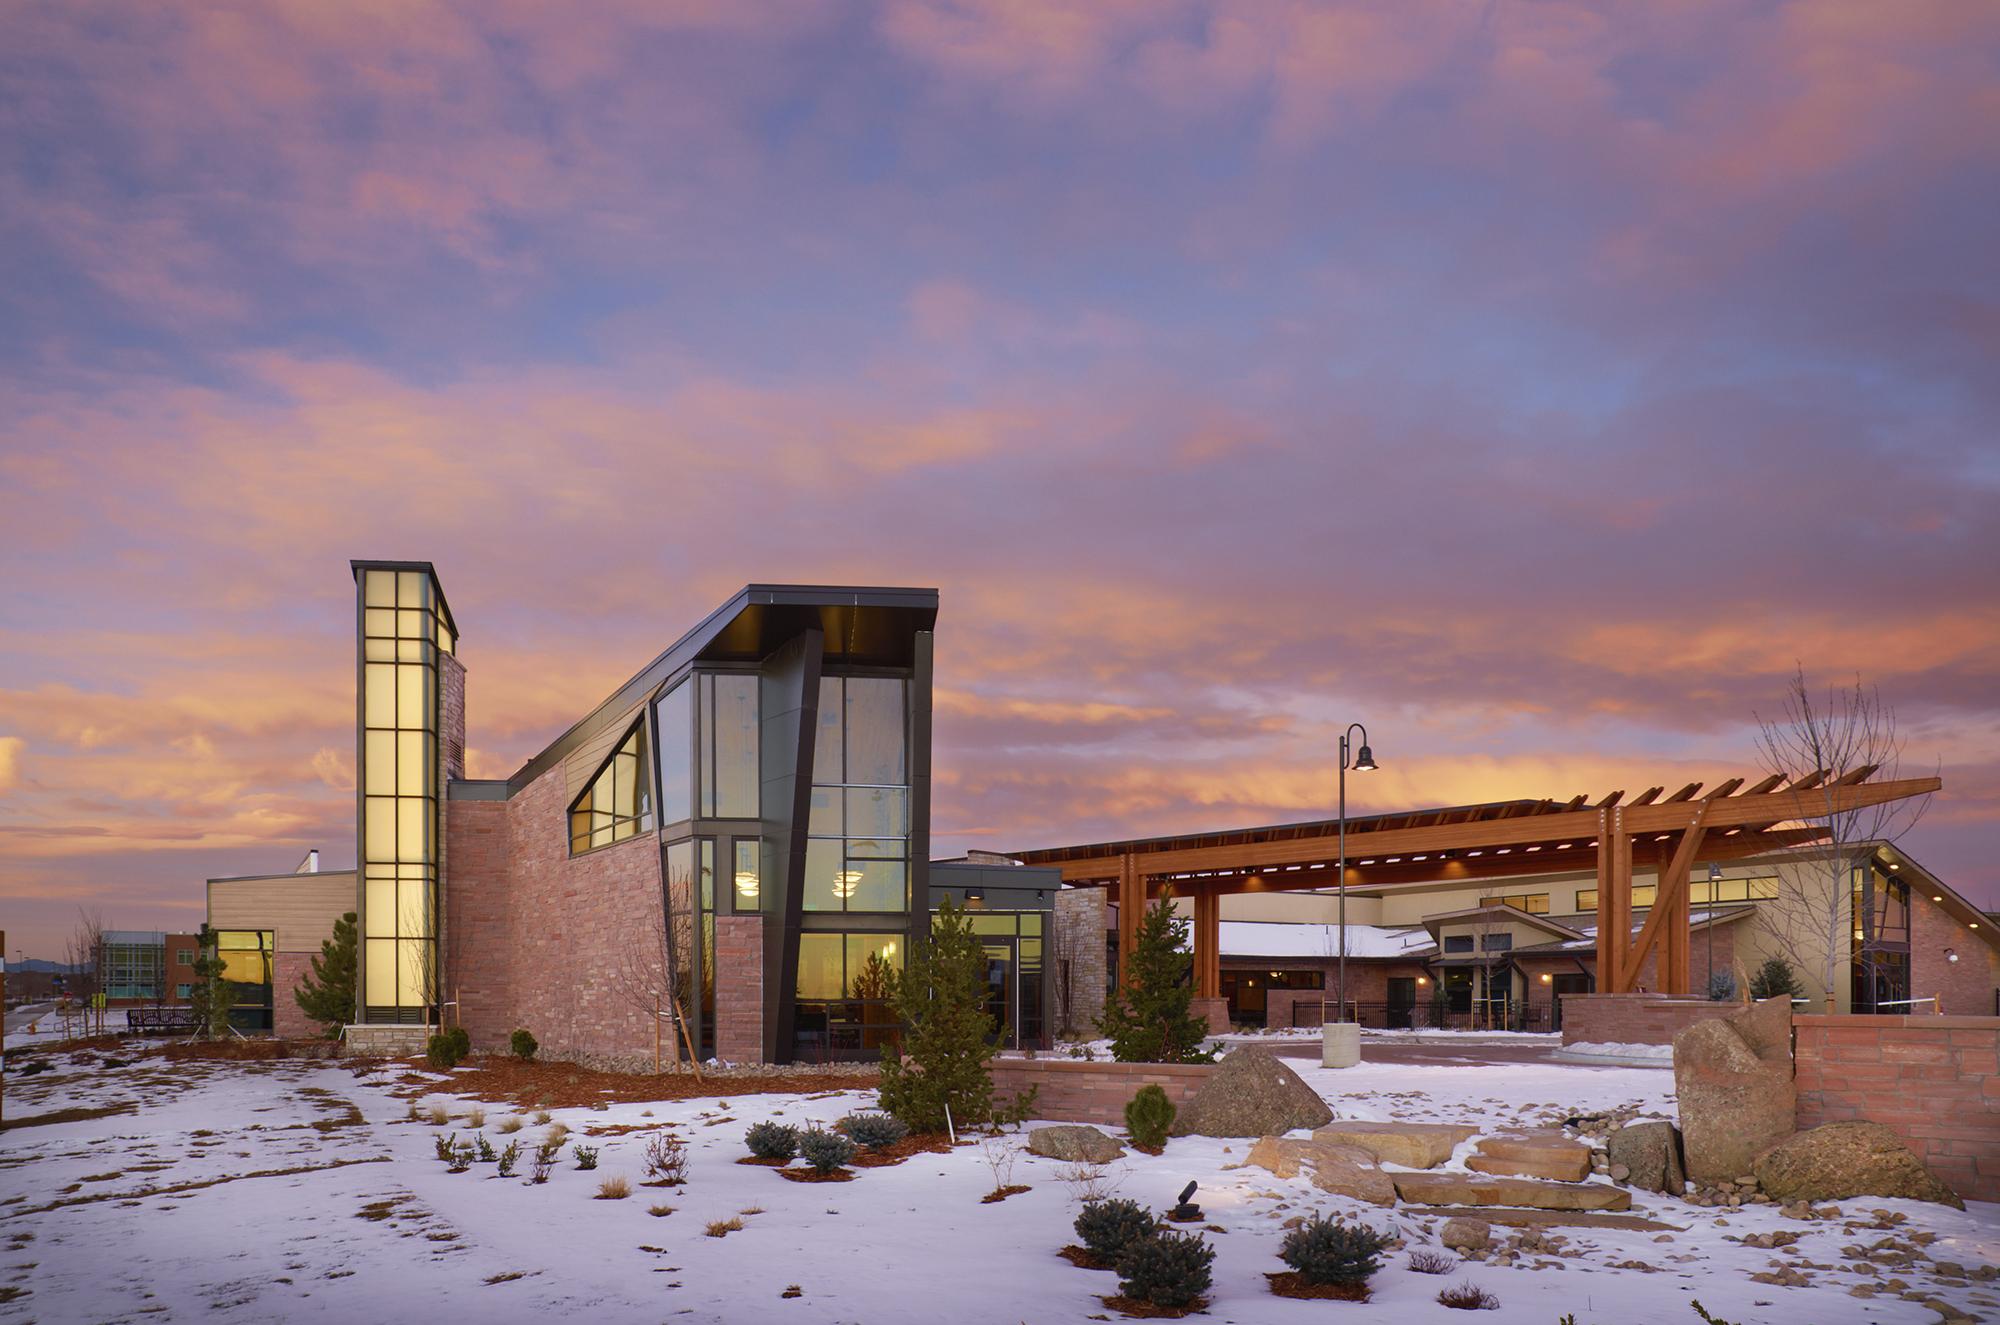 Denver Hospice Lowry Care Exterior Sunset